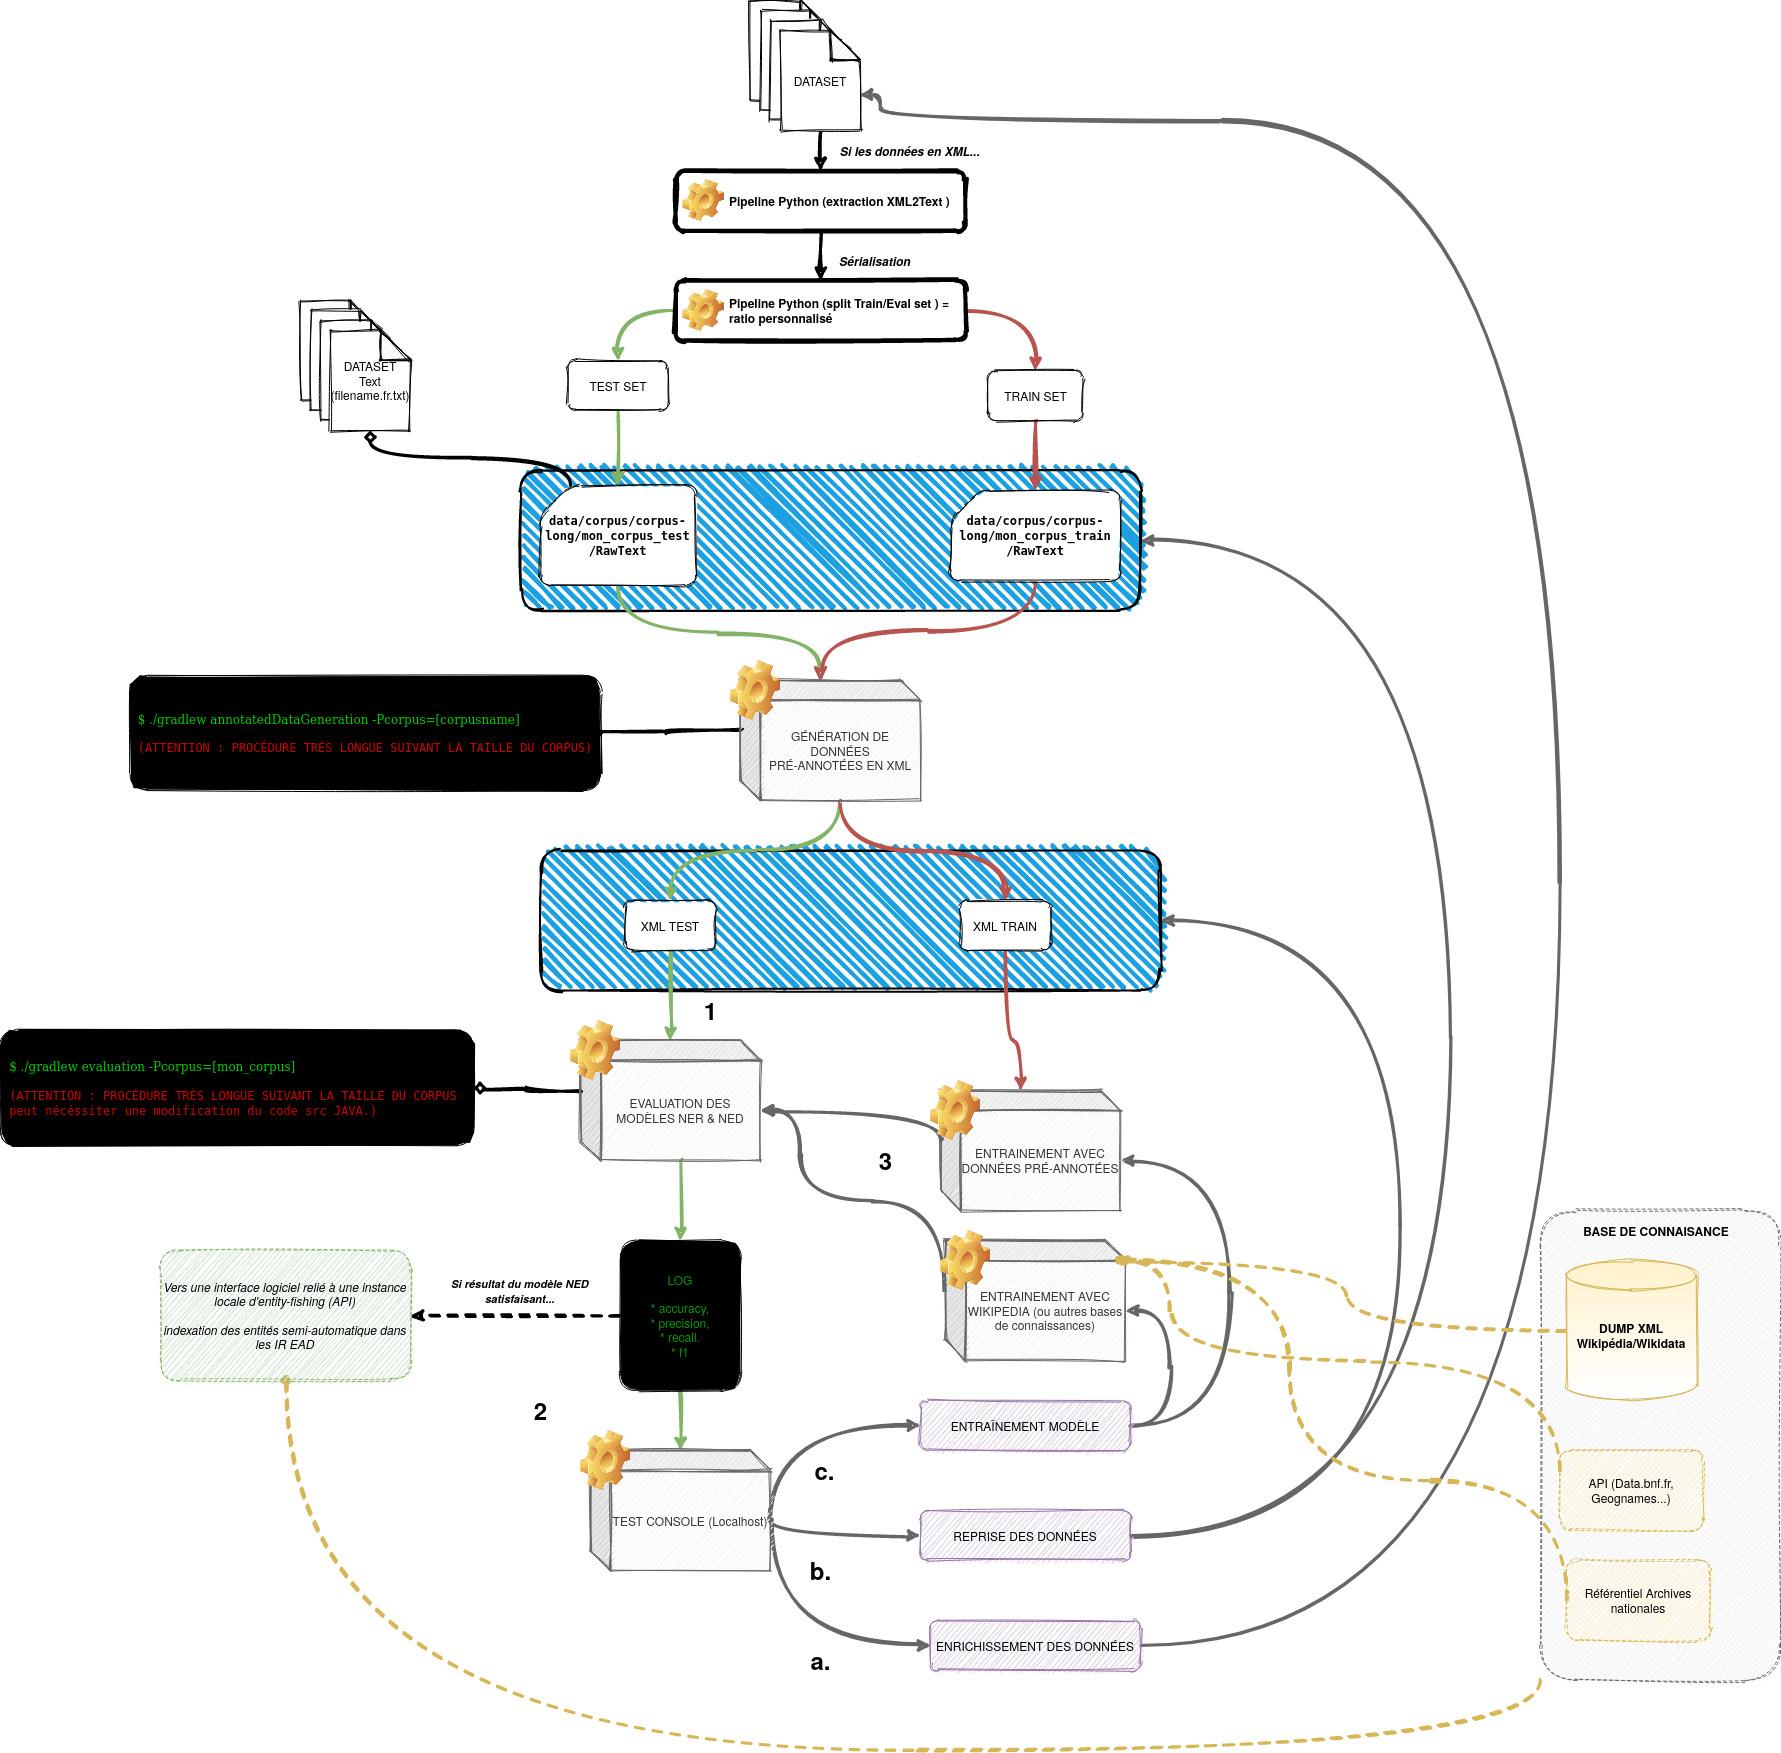 ressources/EF-workflow.jpg